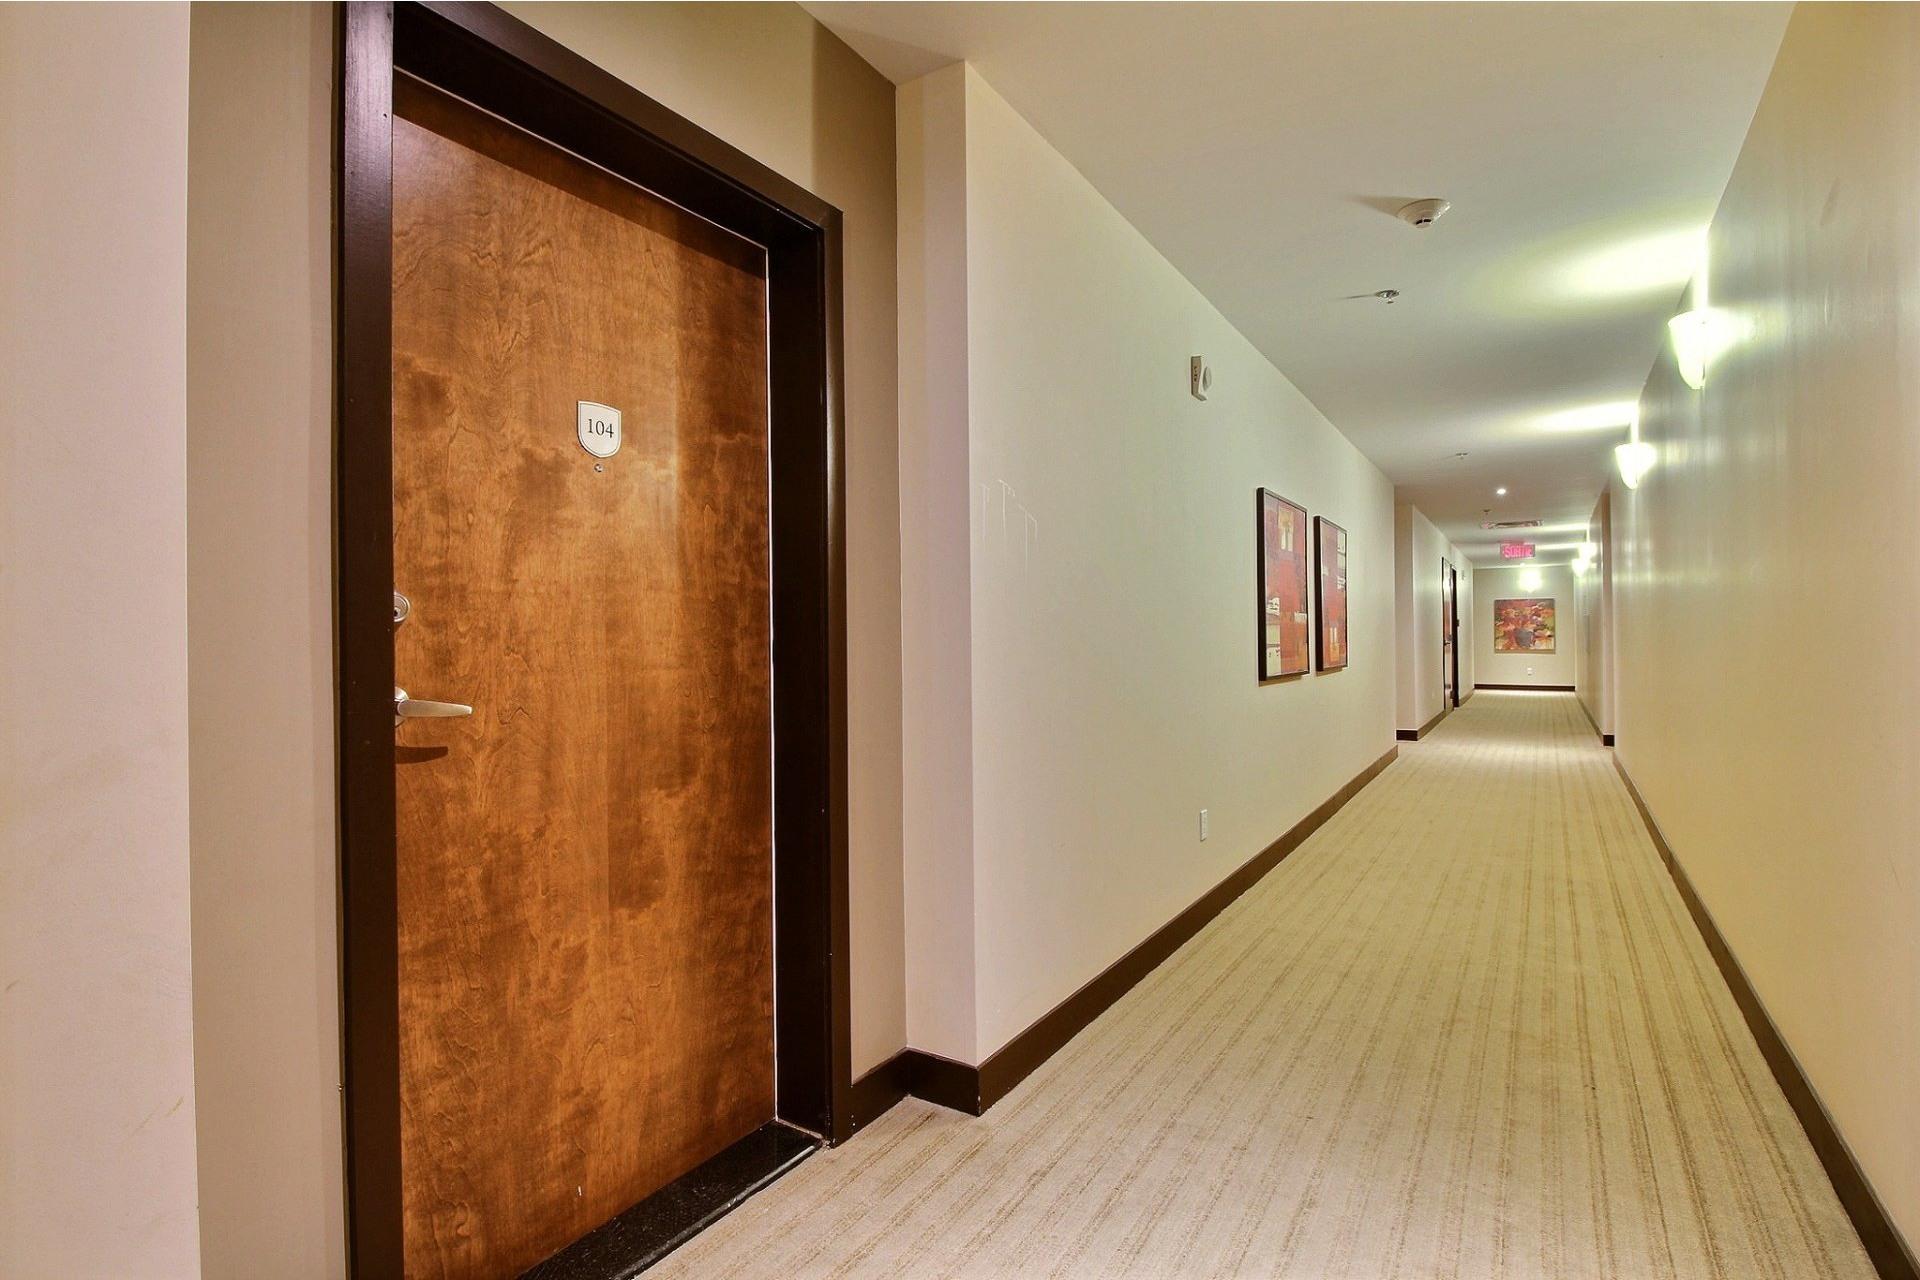 image 2 - Appartement À louer Rivière-des-Prairies/Pointe-aux-Trembles Montréal  - 6 pièces